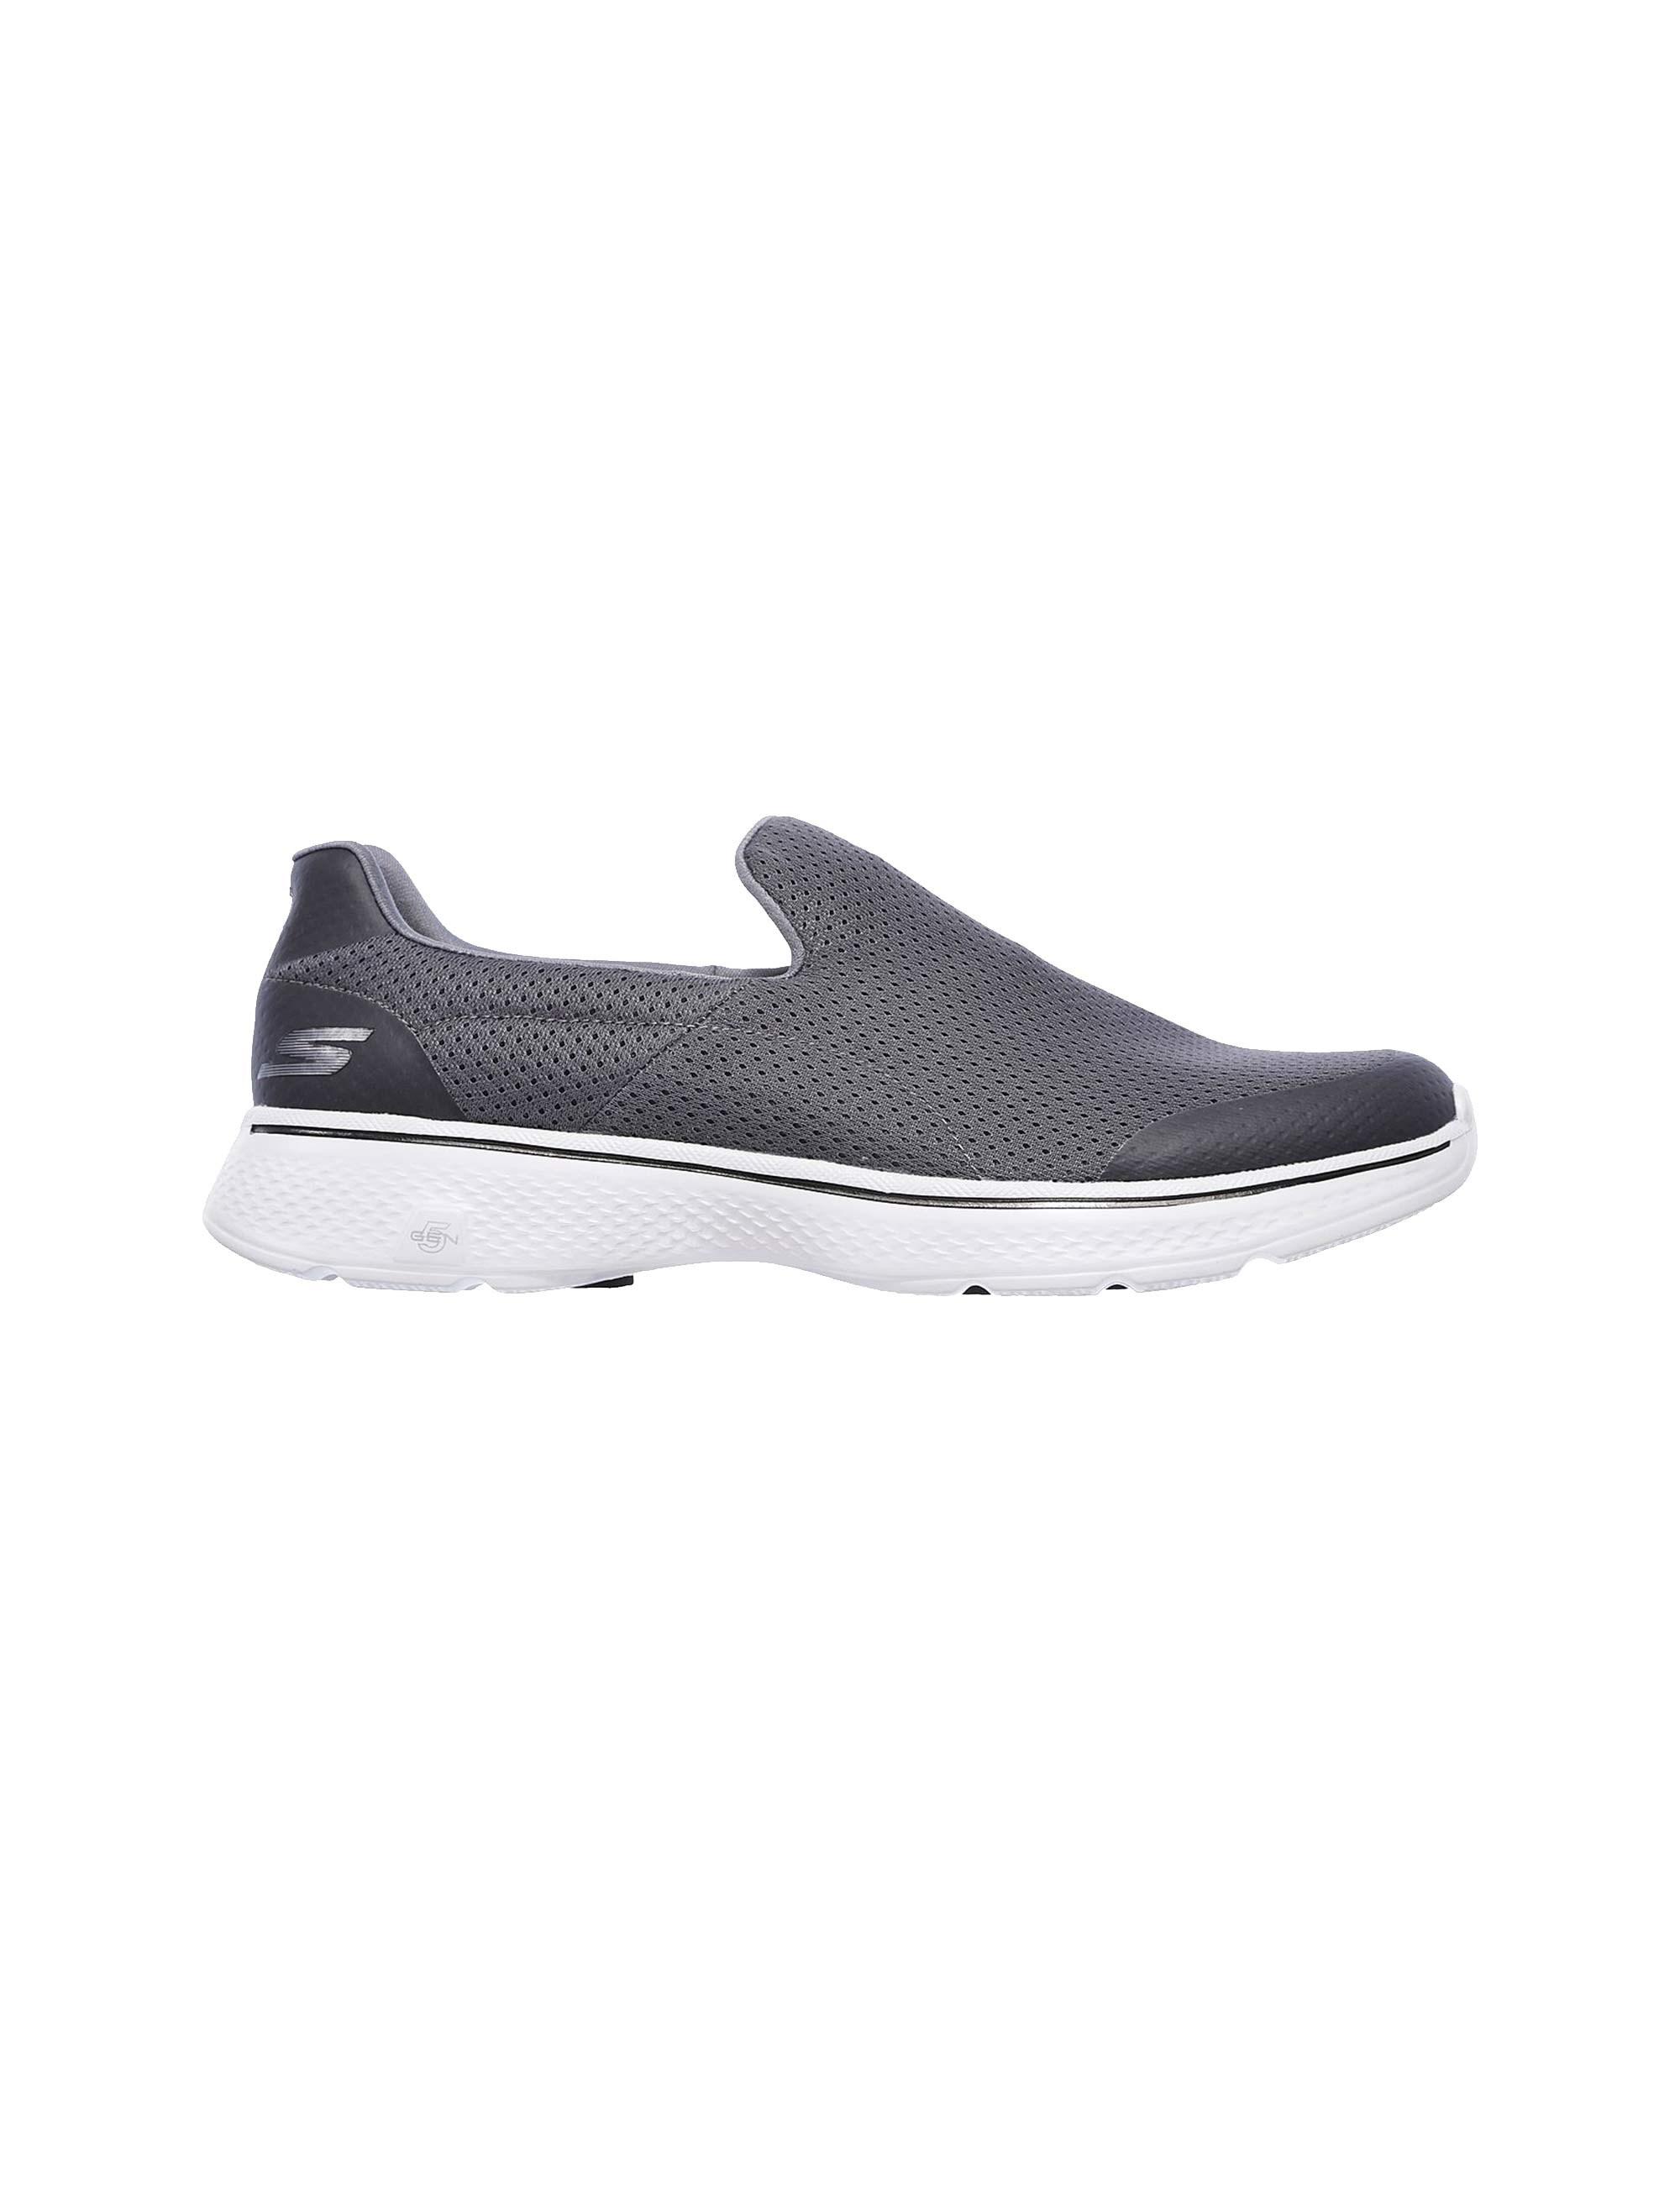 قیمت کفش پیاده روی پارچه ای مردانه GOwalk 4 Incredible - اسکچرز